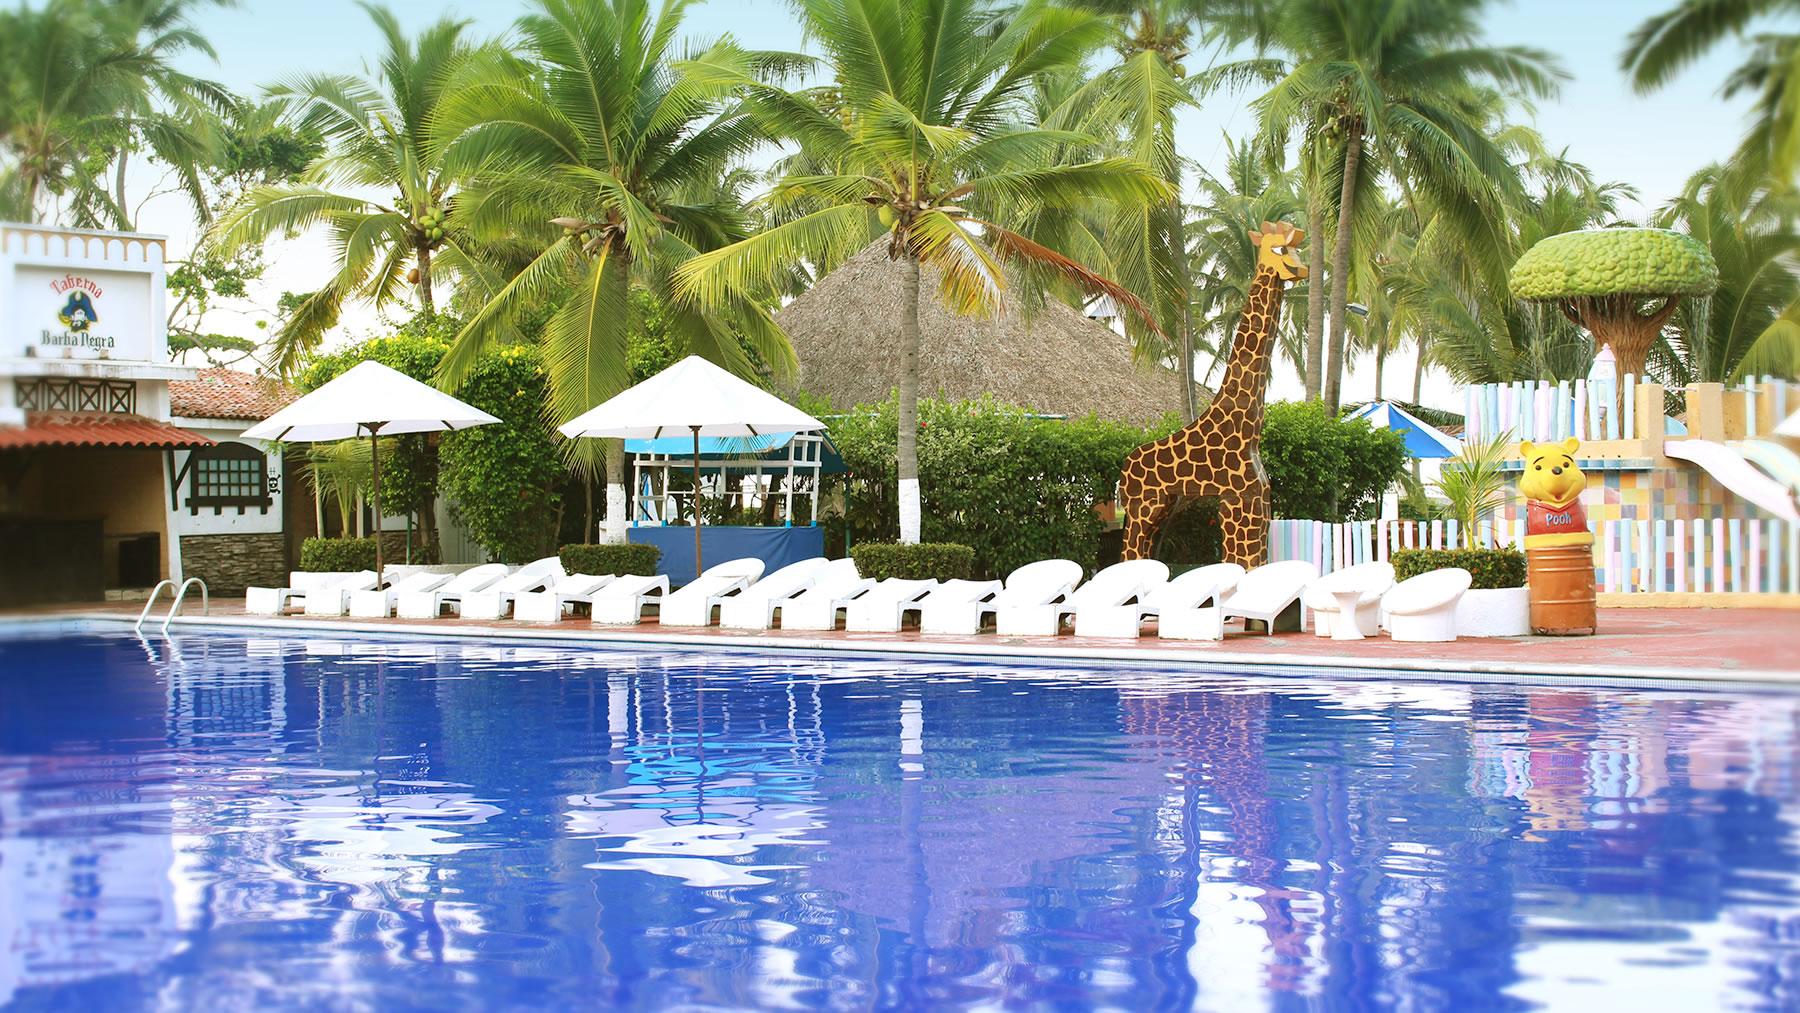 hotel vista playa de oro manzanillo: